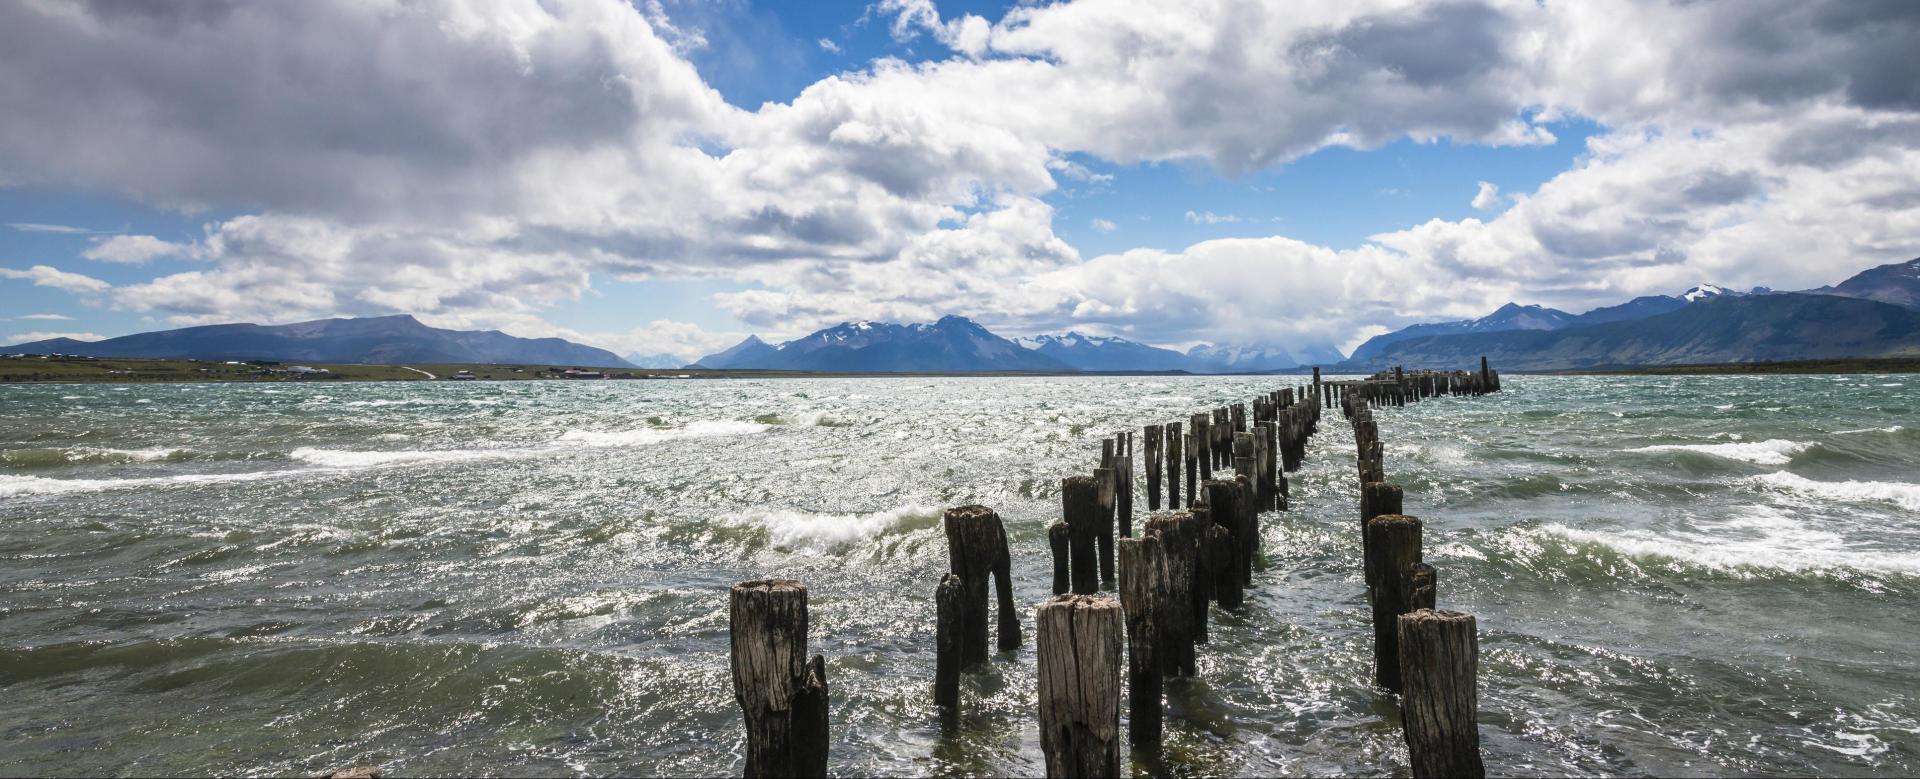 Voyage à pied : Terre de feu, patagonie et route australe